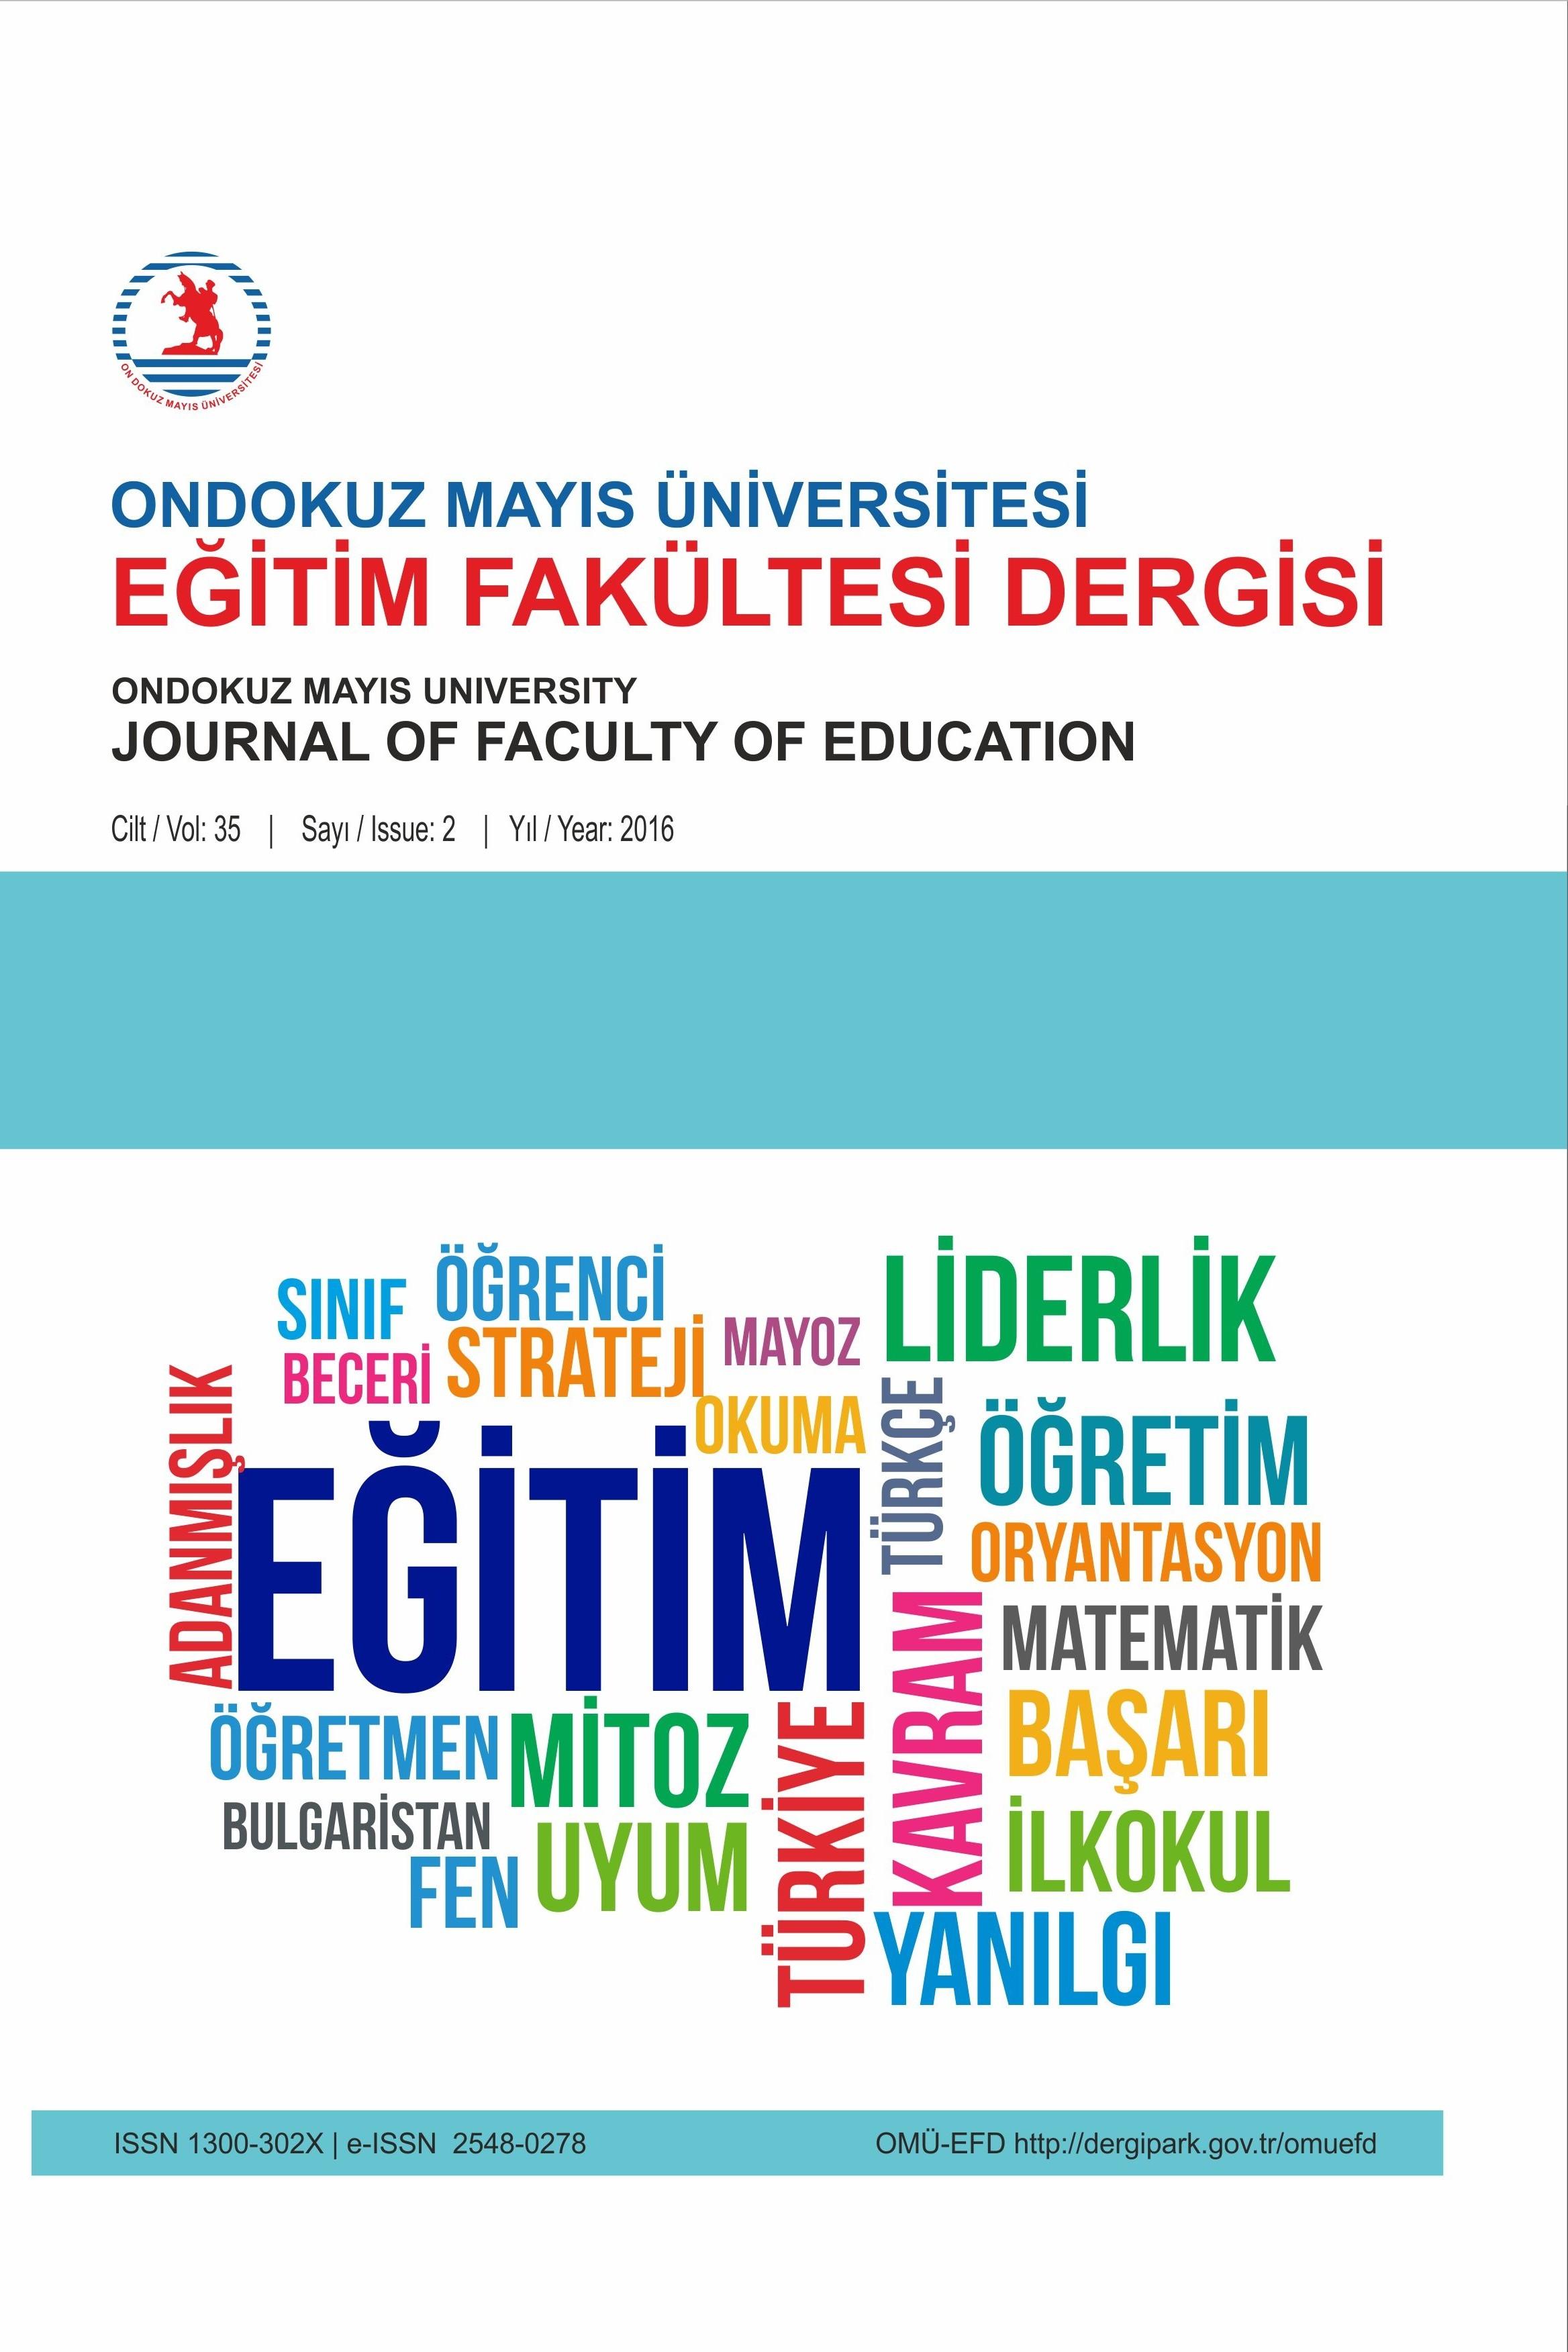 Ondokuz Mayıs Üniversitesi Eğitim Fakültesi Dergisi